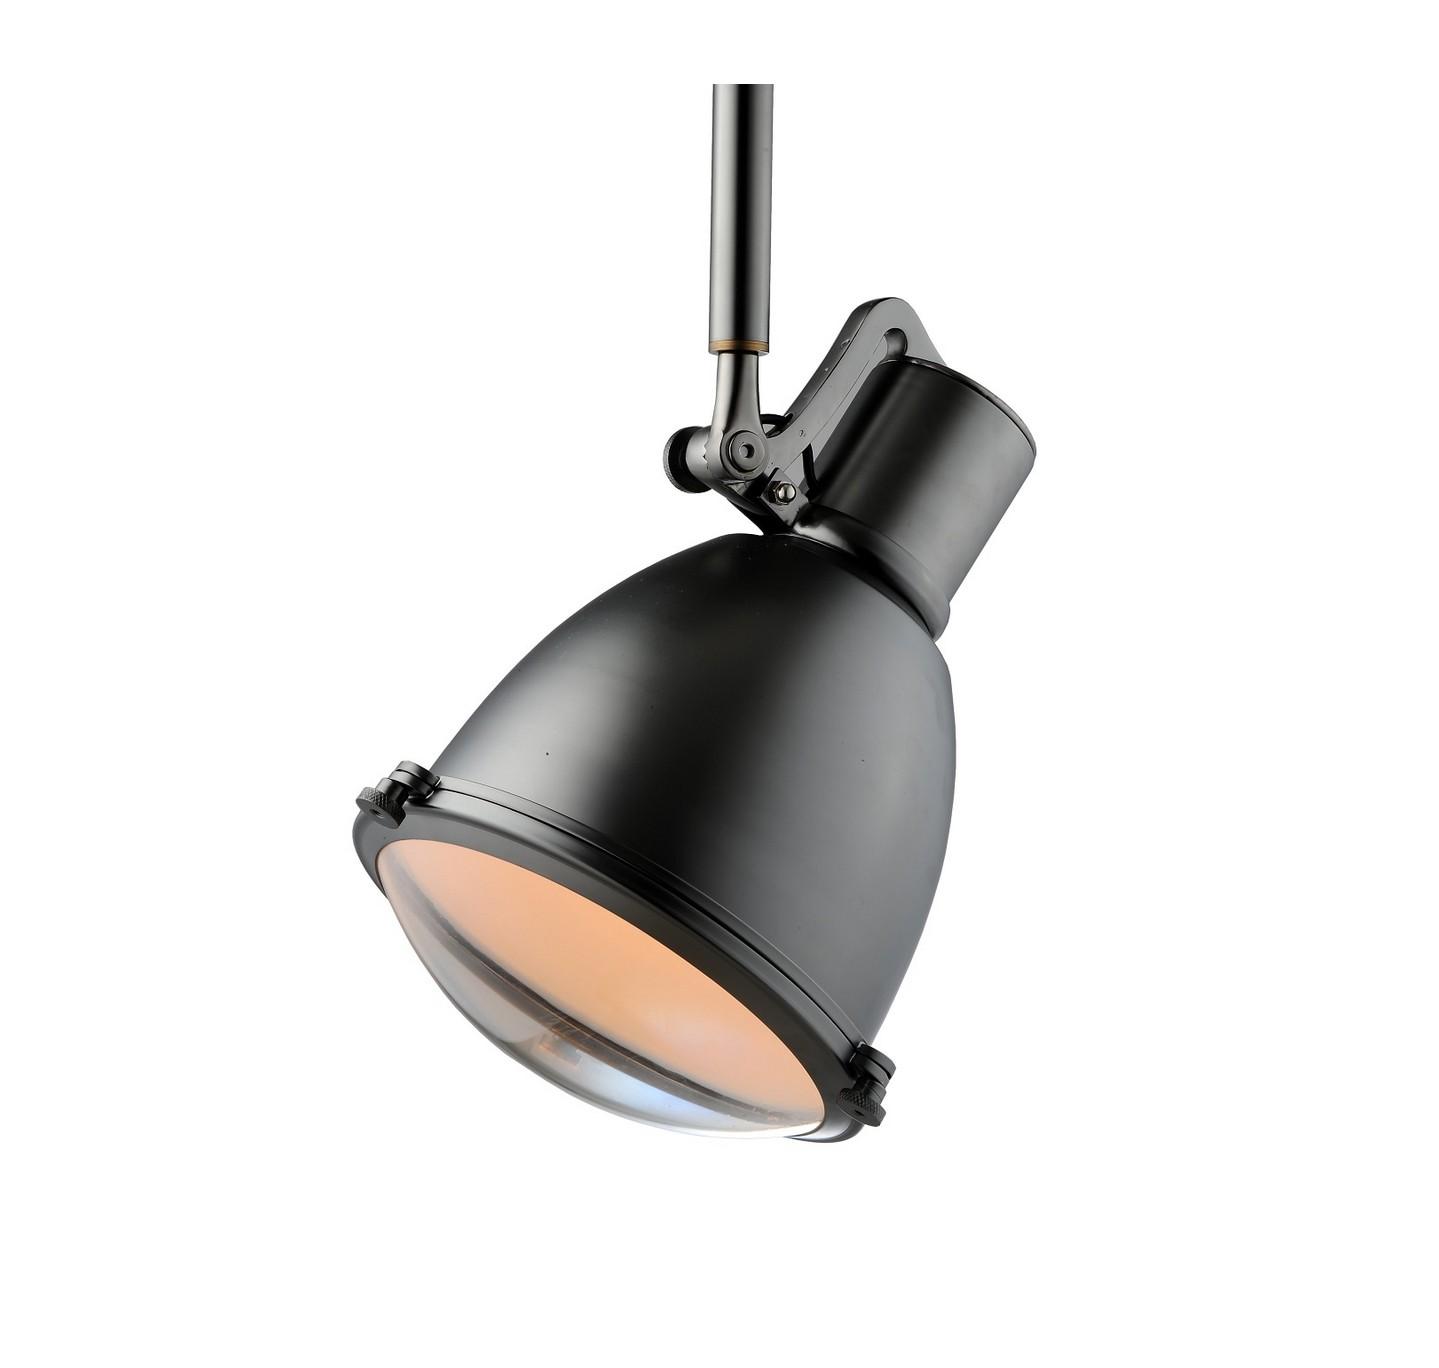 Светильник на штанге OsgarСветильники на штанге<br>Этот оригинальный светильник с металлическим корпусом, который может менять свое положение в зависимости от Вашего желания. Благодаря направленному свету вы легко сможете осветить различные предметы декора.&amp;lt;div&amp;gt;&amp;lt;div&amp;gt;&amp;lt;br&amp;gt;&amp;lt;/div&amp;gt;&amp;lt;div&amp;gt;Вид цоколя: Е27&amp;lt;/div&amp;gt;&amp;lt;div&amp;gt;Мощность лампы: 40W&amp;lt;/div&amp;gt;&amp;lt;div&amp;gt;Количество ламп: 1&amp;lt;br&amp;gt;&amp;lt;span&amp;gt;Наличие ламп в комплекте: нет&amp;lt;/span&amp;gt;&amp;lt;br&amp;gt;&amp;lt;/div&amp;gt;&amp;lt;/div&amp;gt;<br><br>Material: Металл<br>Height см: 120<br>Diameter см: 32